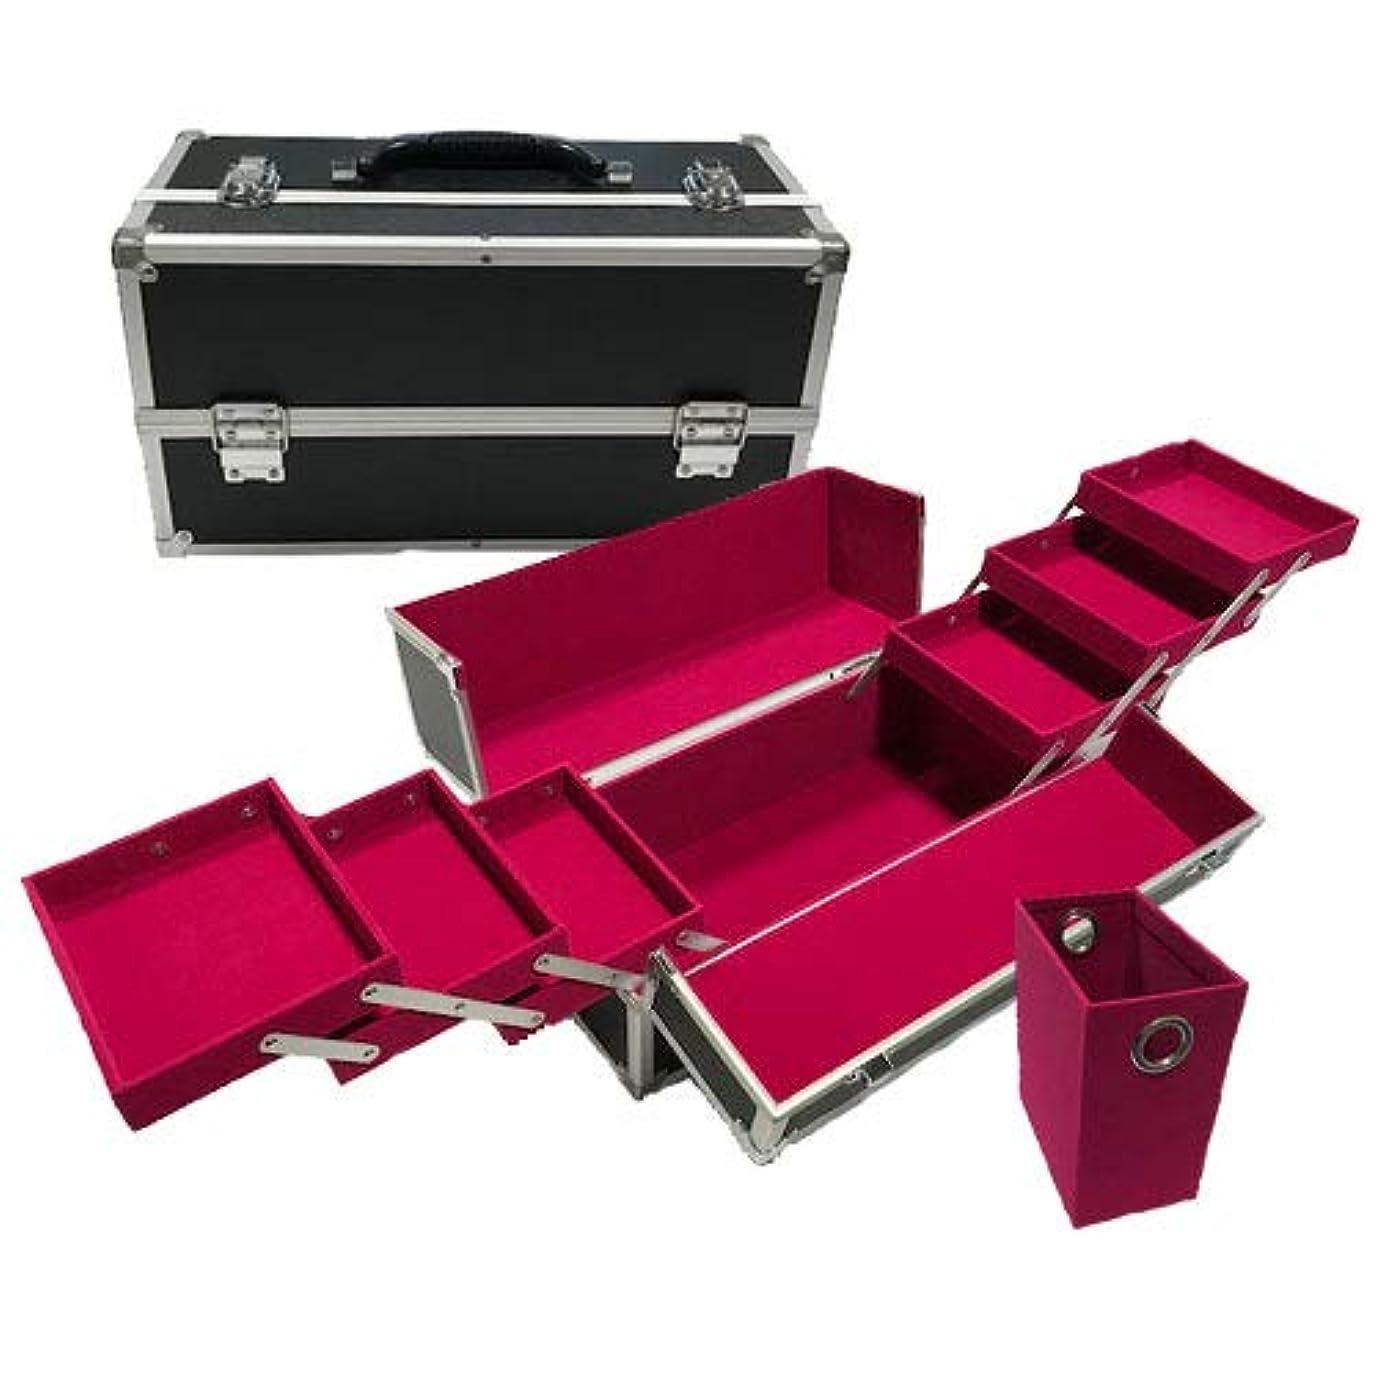 リライアブル コスメボックス ワイド RB202-BKVP 鍵付き プロ仕様 メイクボックス 大容量 化粧品収納 小物入れ 6段トレー ベロア メイクケース コスメBOX 持ち運び ネイルケース